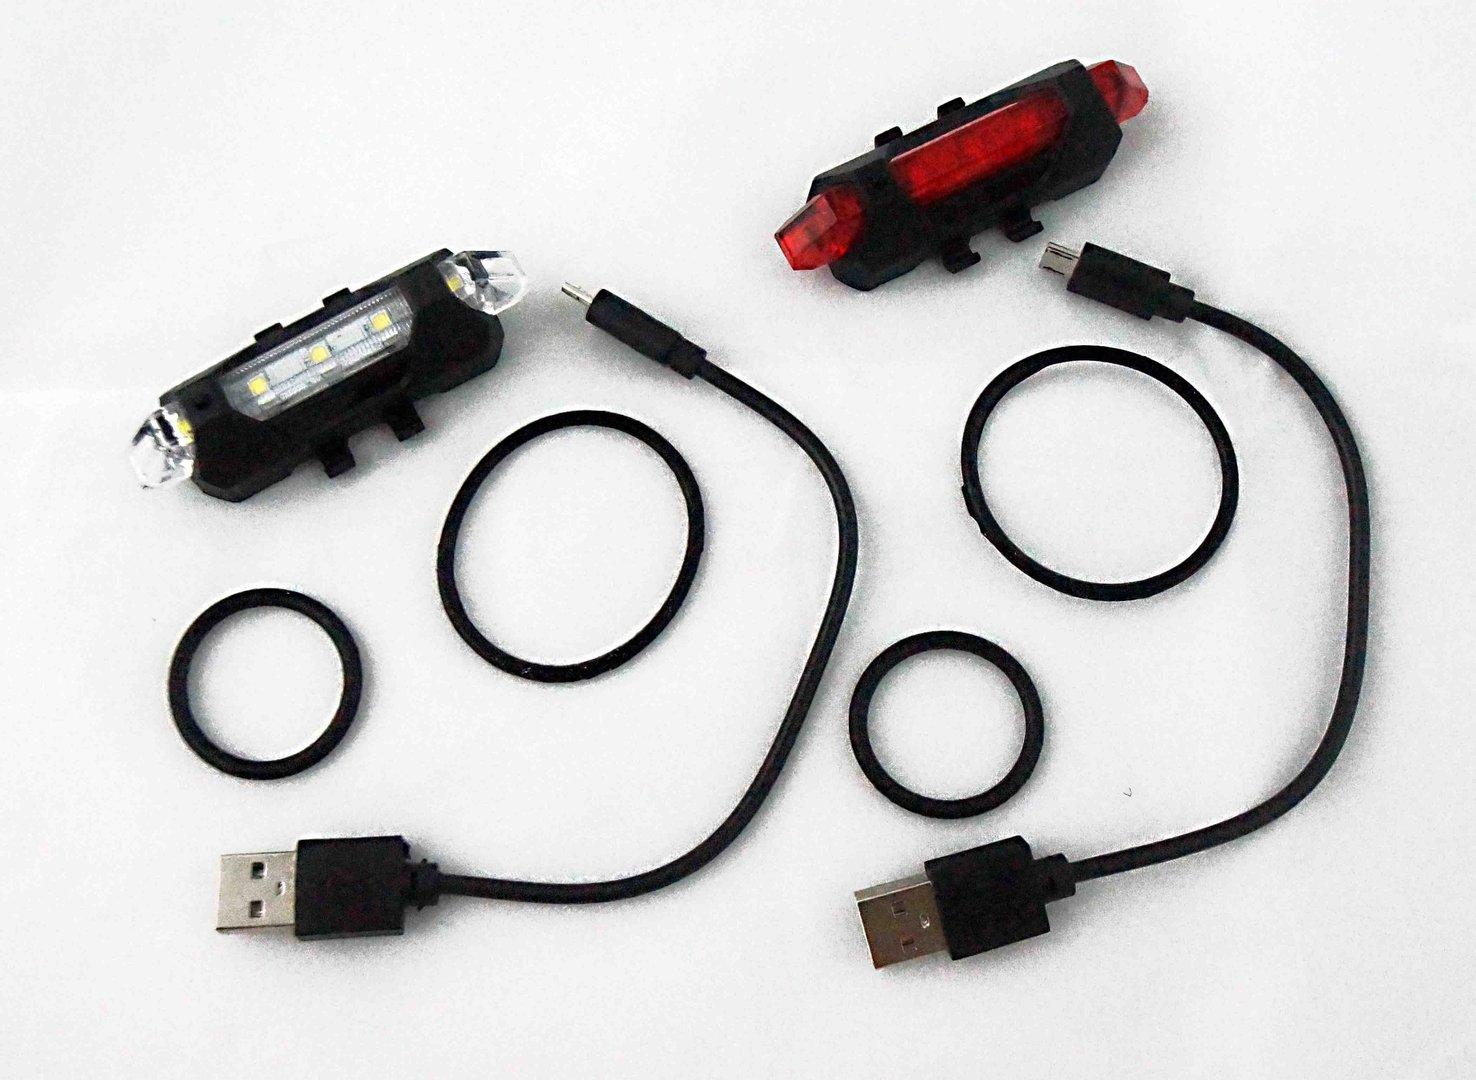 eclairage de v lo rouge avant arri re rechargeable usb 15. Black Bedroom Furniture Sets. Home Design Ideas